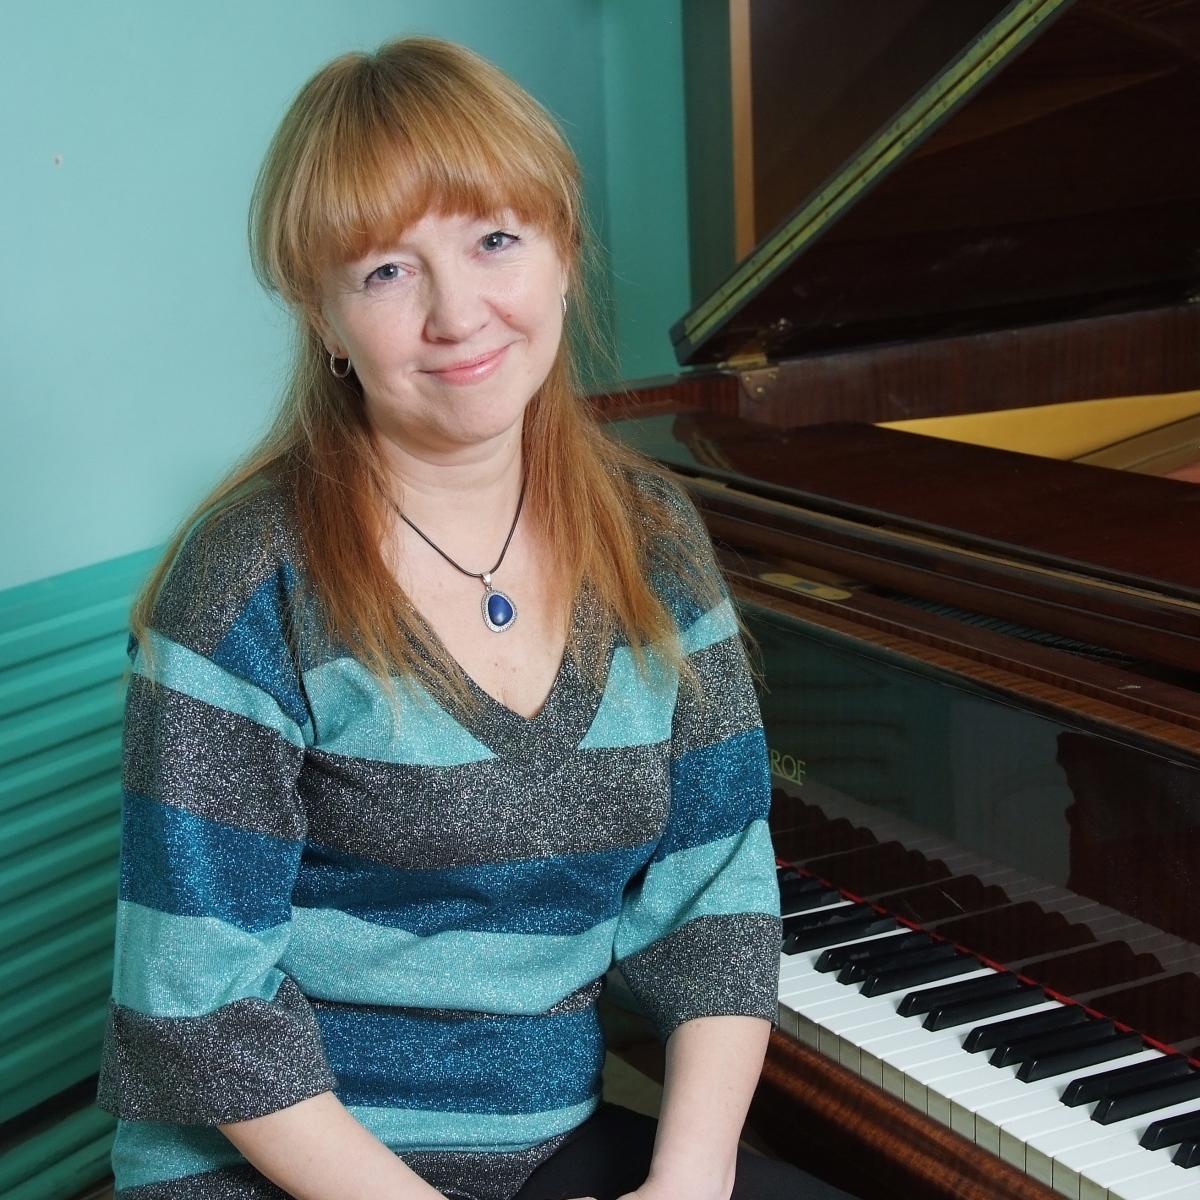 Marina KHodyreva